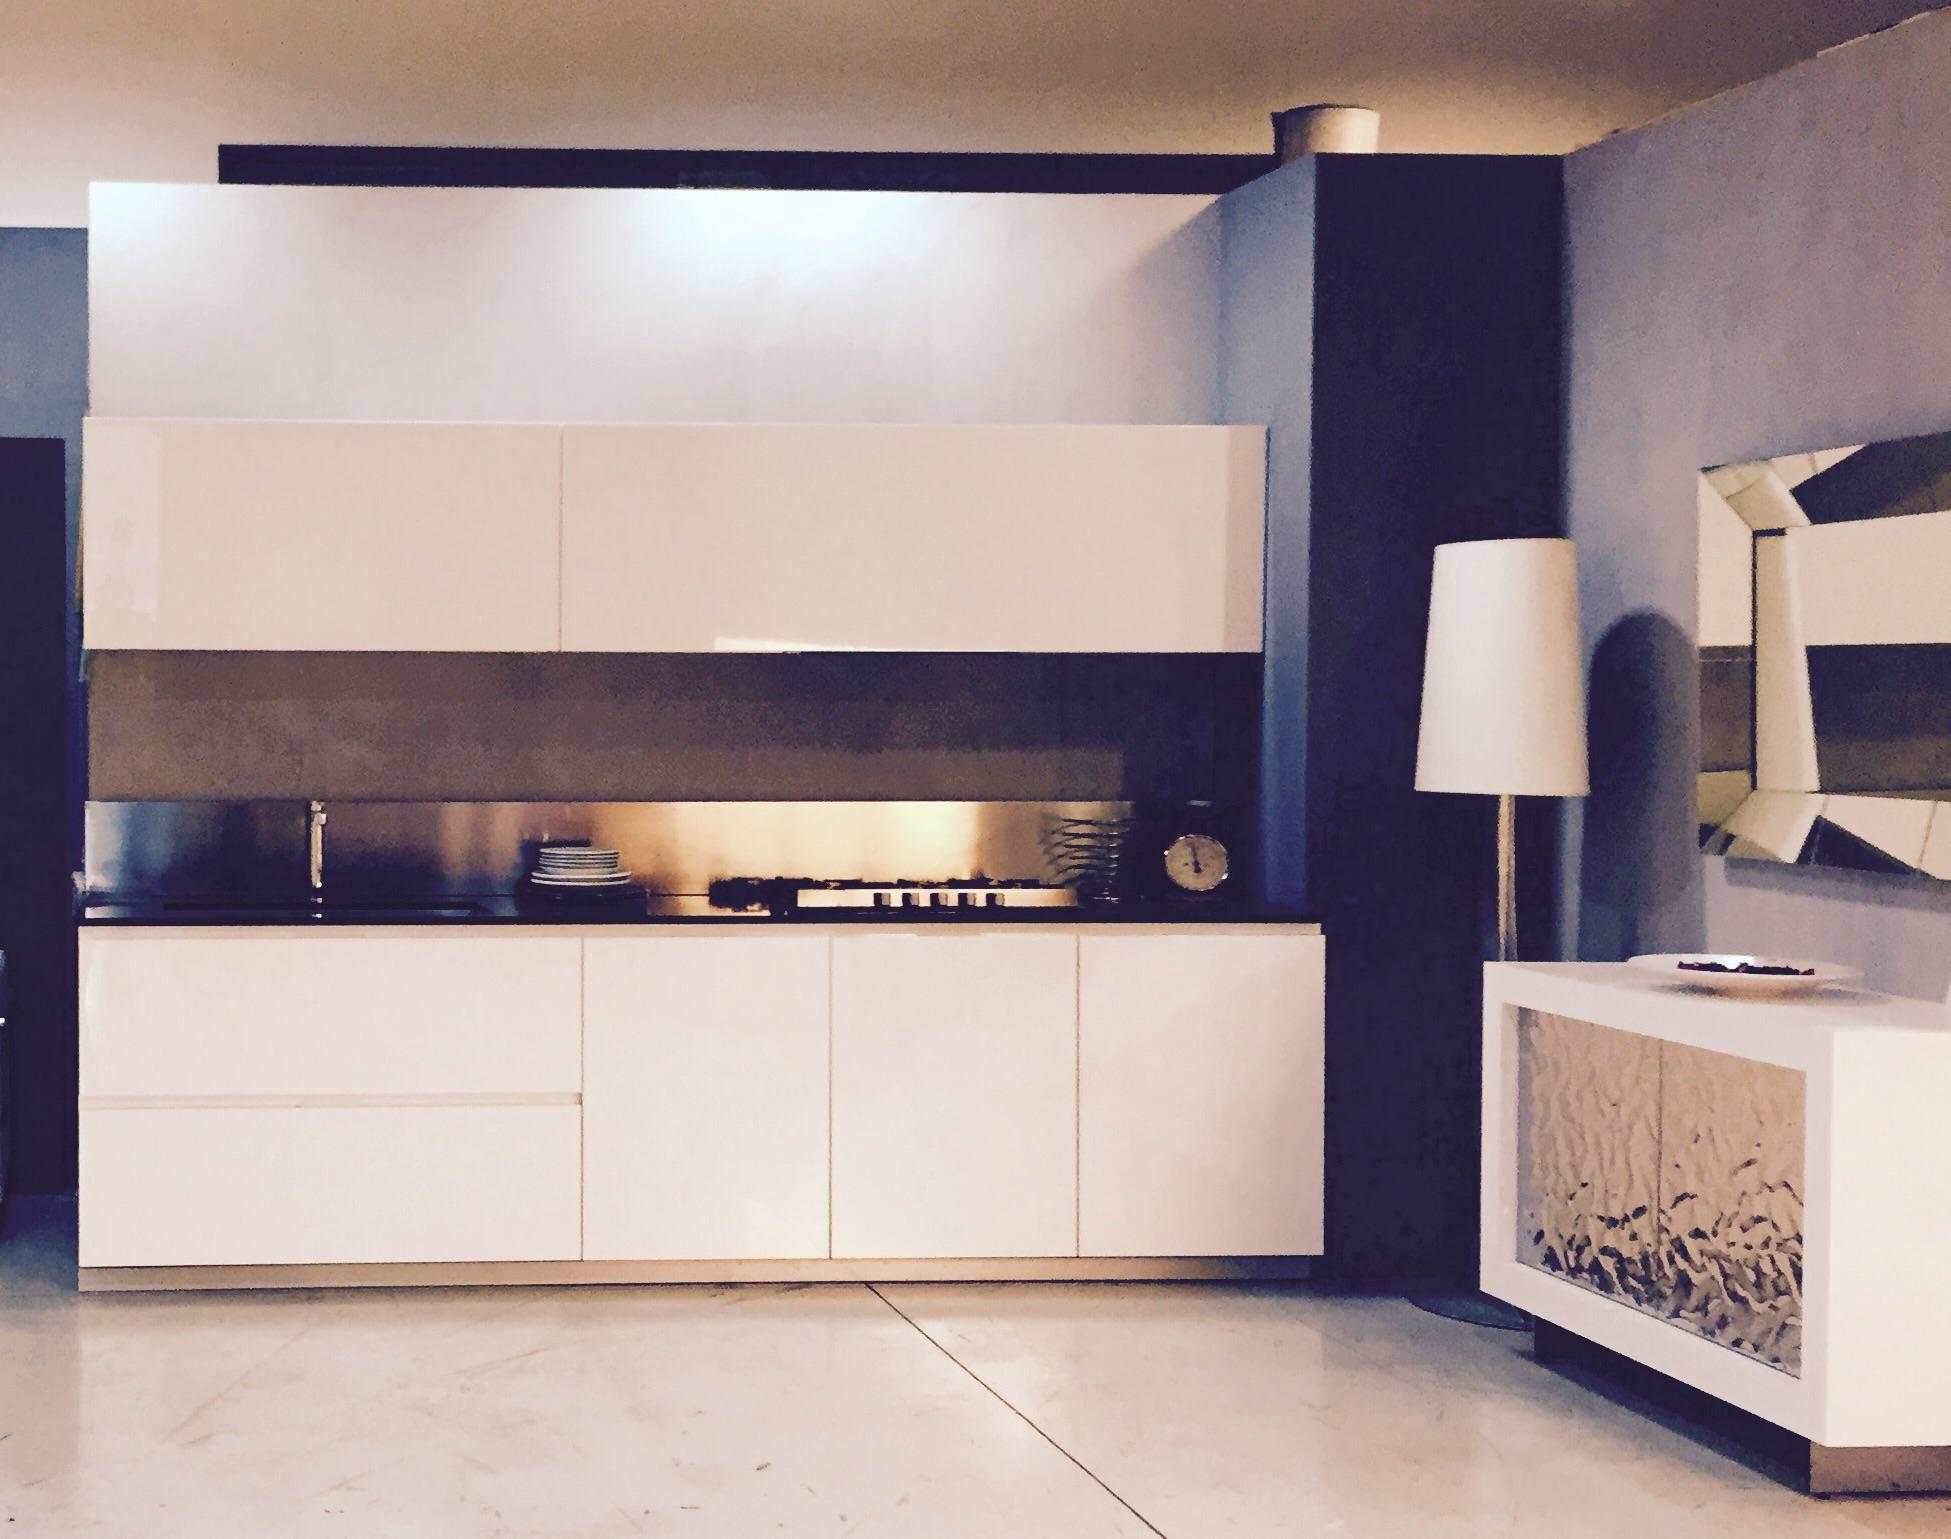 Cucine Modulnova Prezzi ~ Idee Creative su Design Per La Casa e Interni